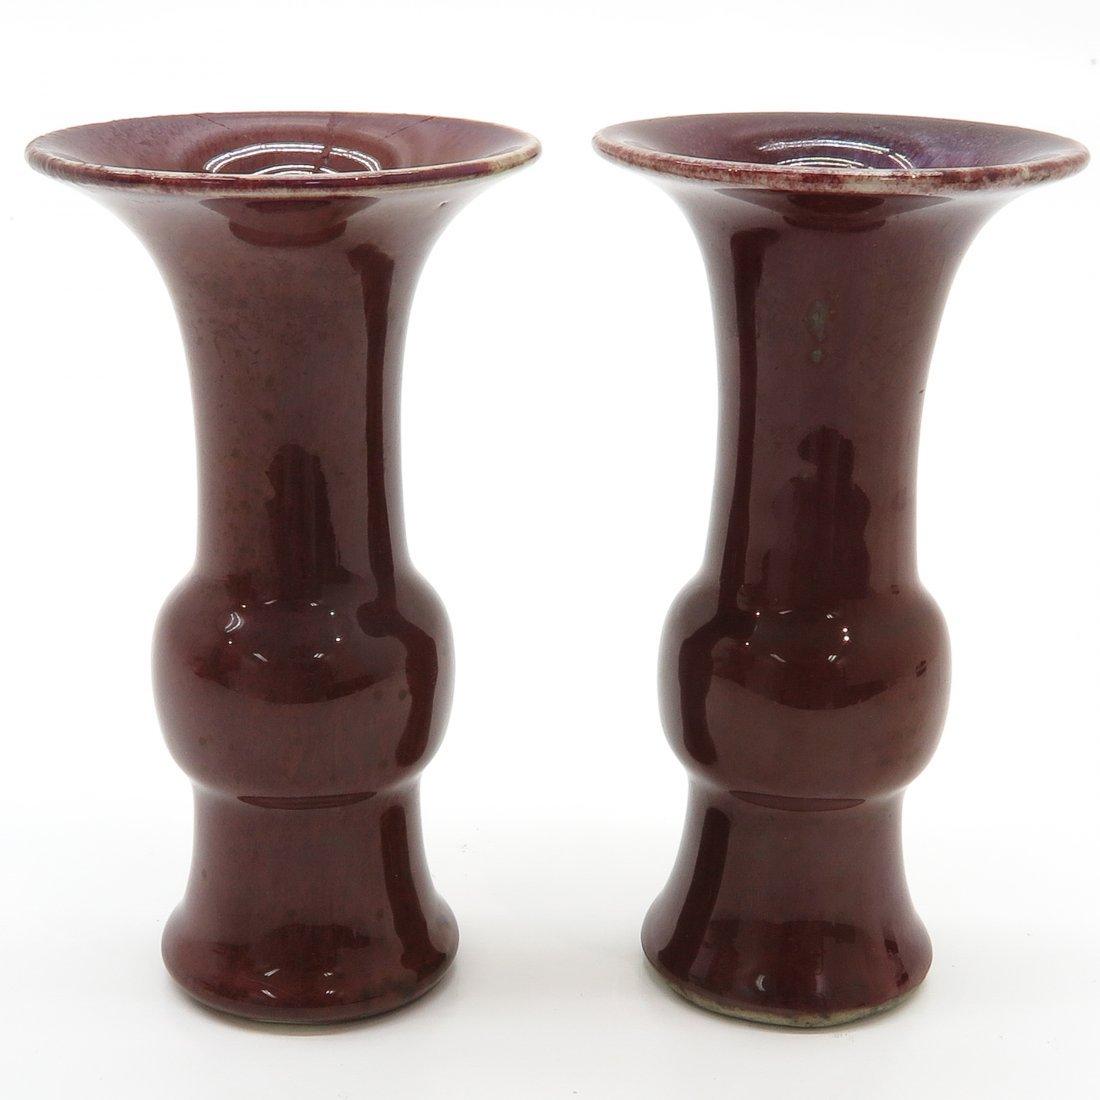 Pair China Porcelain Sang de Boeuf Decor Vases